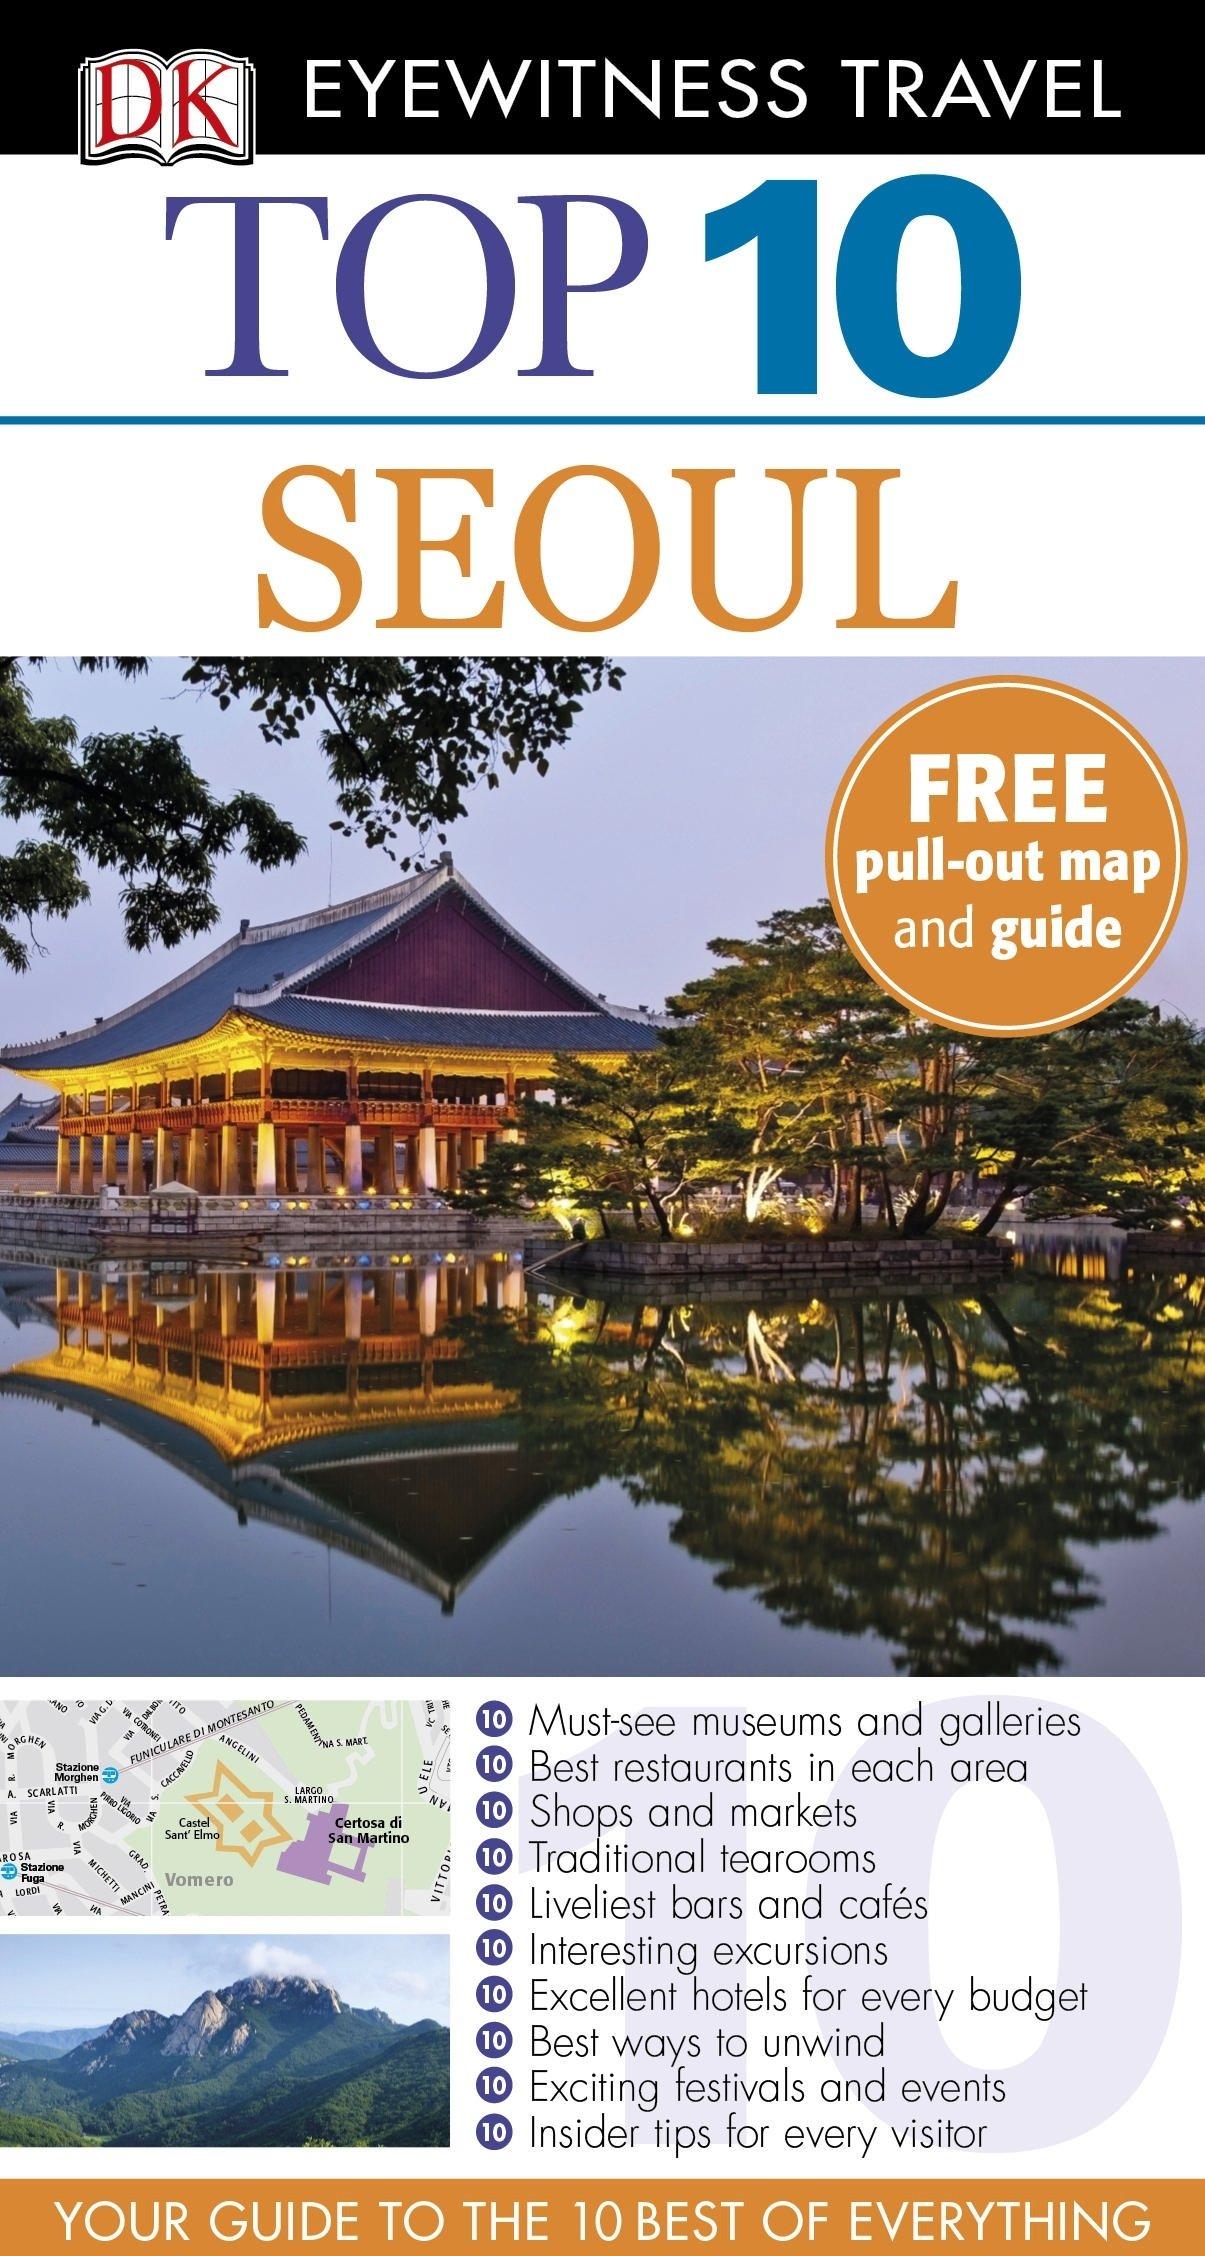 DK Eyewitness Top 10 Travel Guide: Seoul (DK Eyewitness Travel Guide)